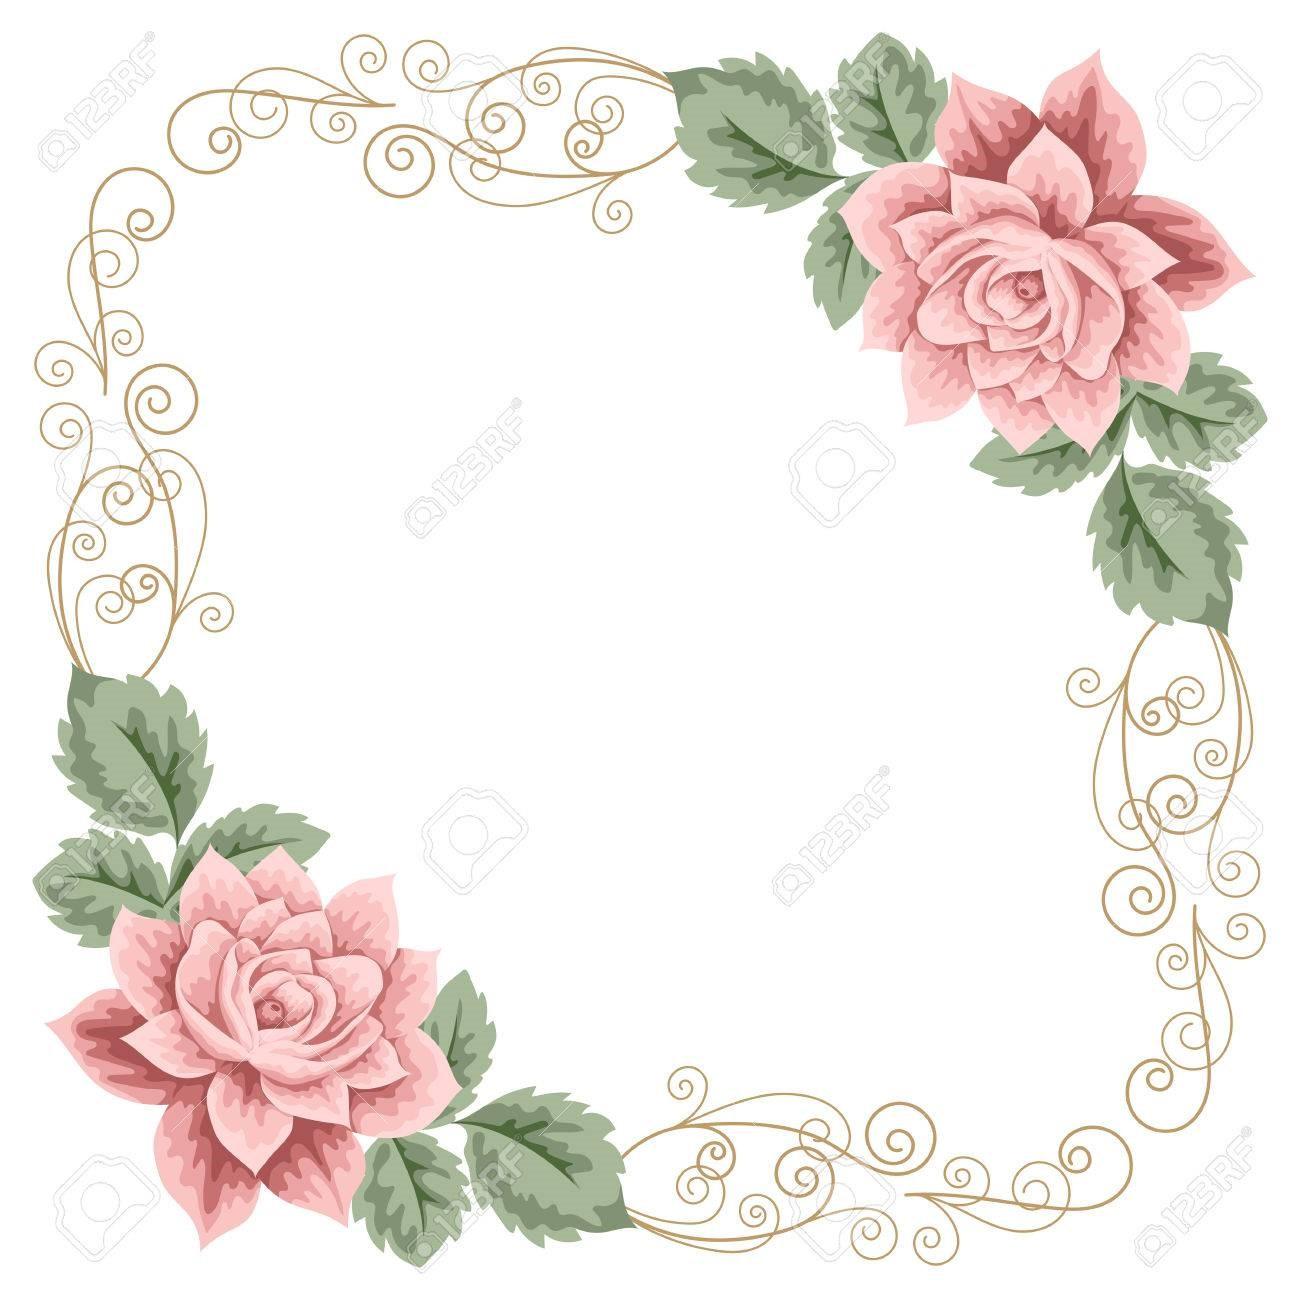 Marco de flores elegante